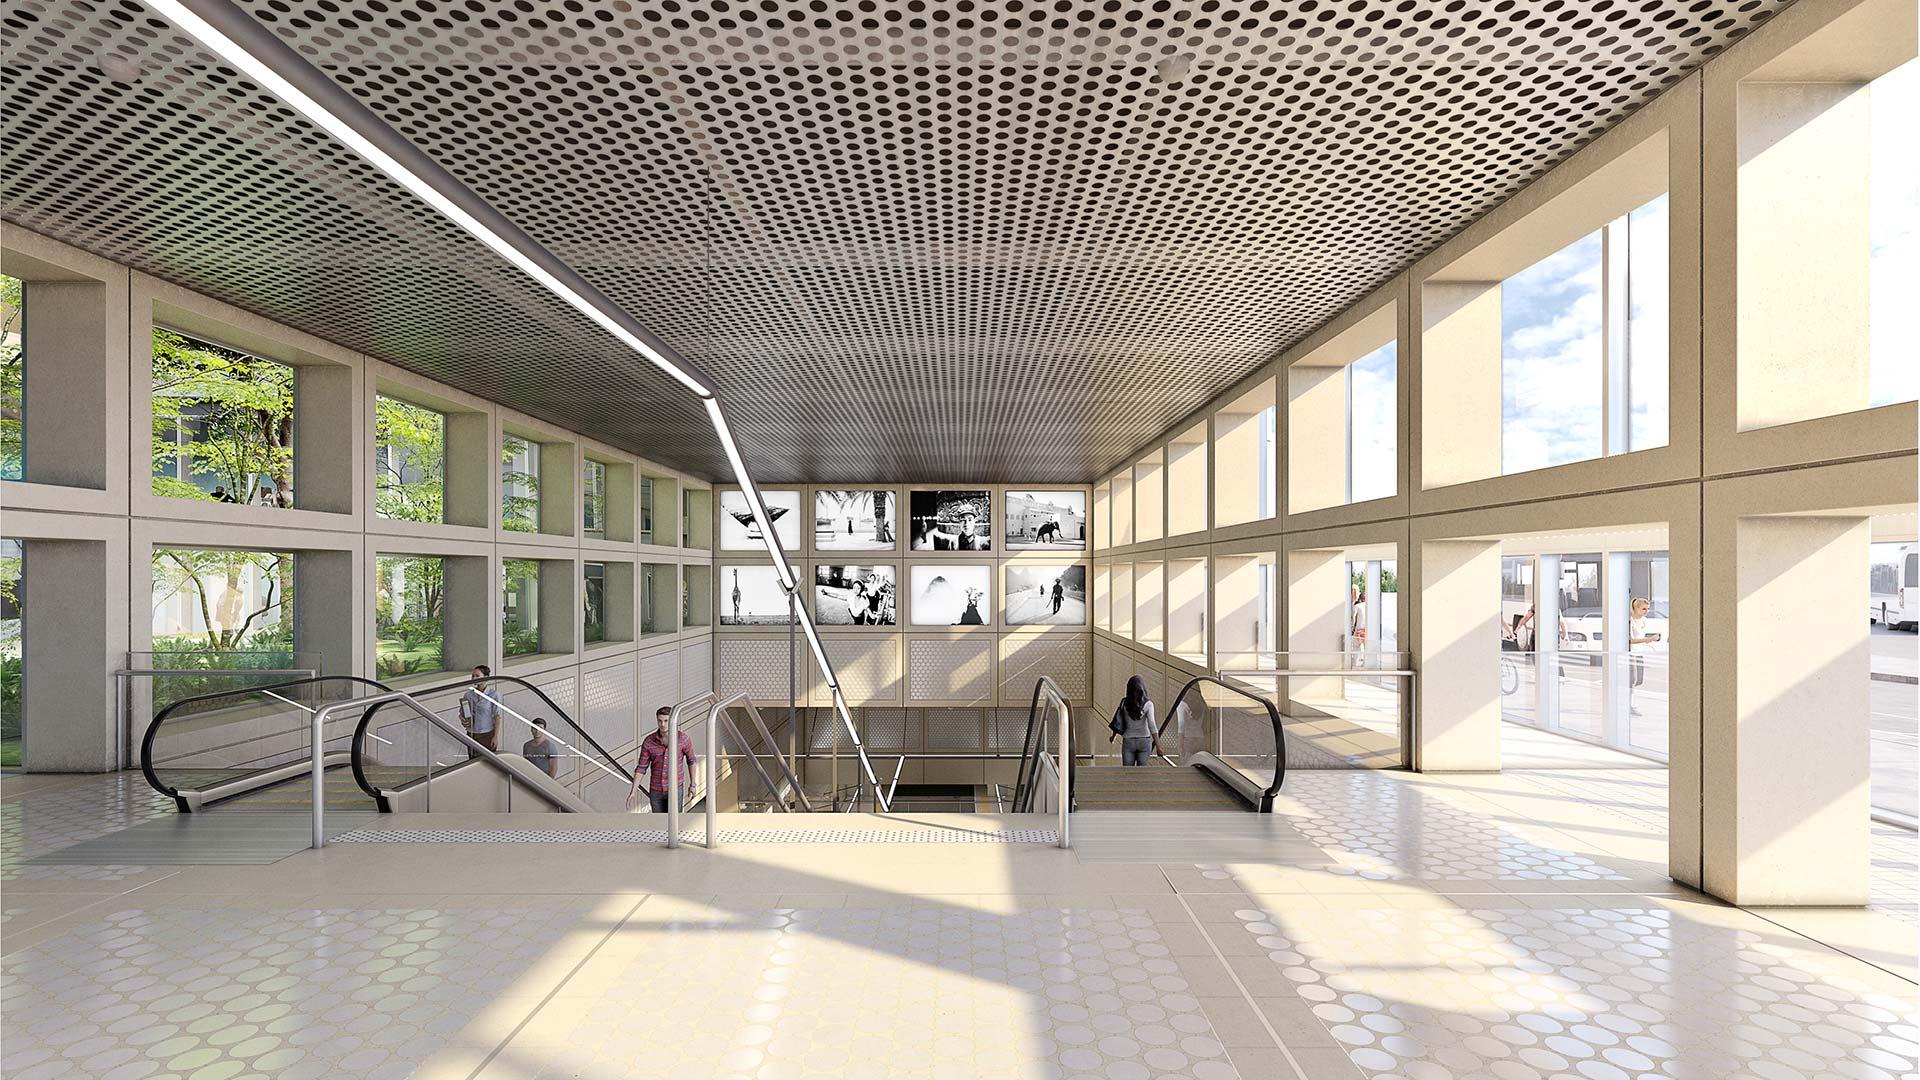 Métro de Lyon - Architecture 3D